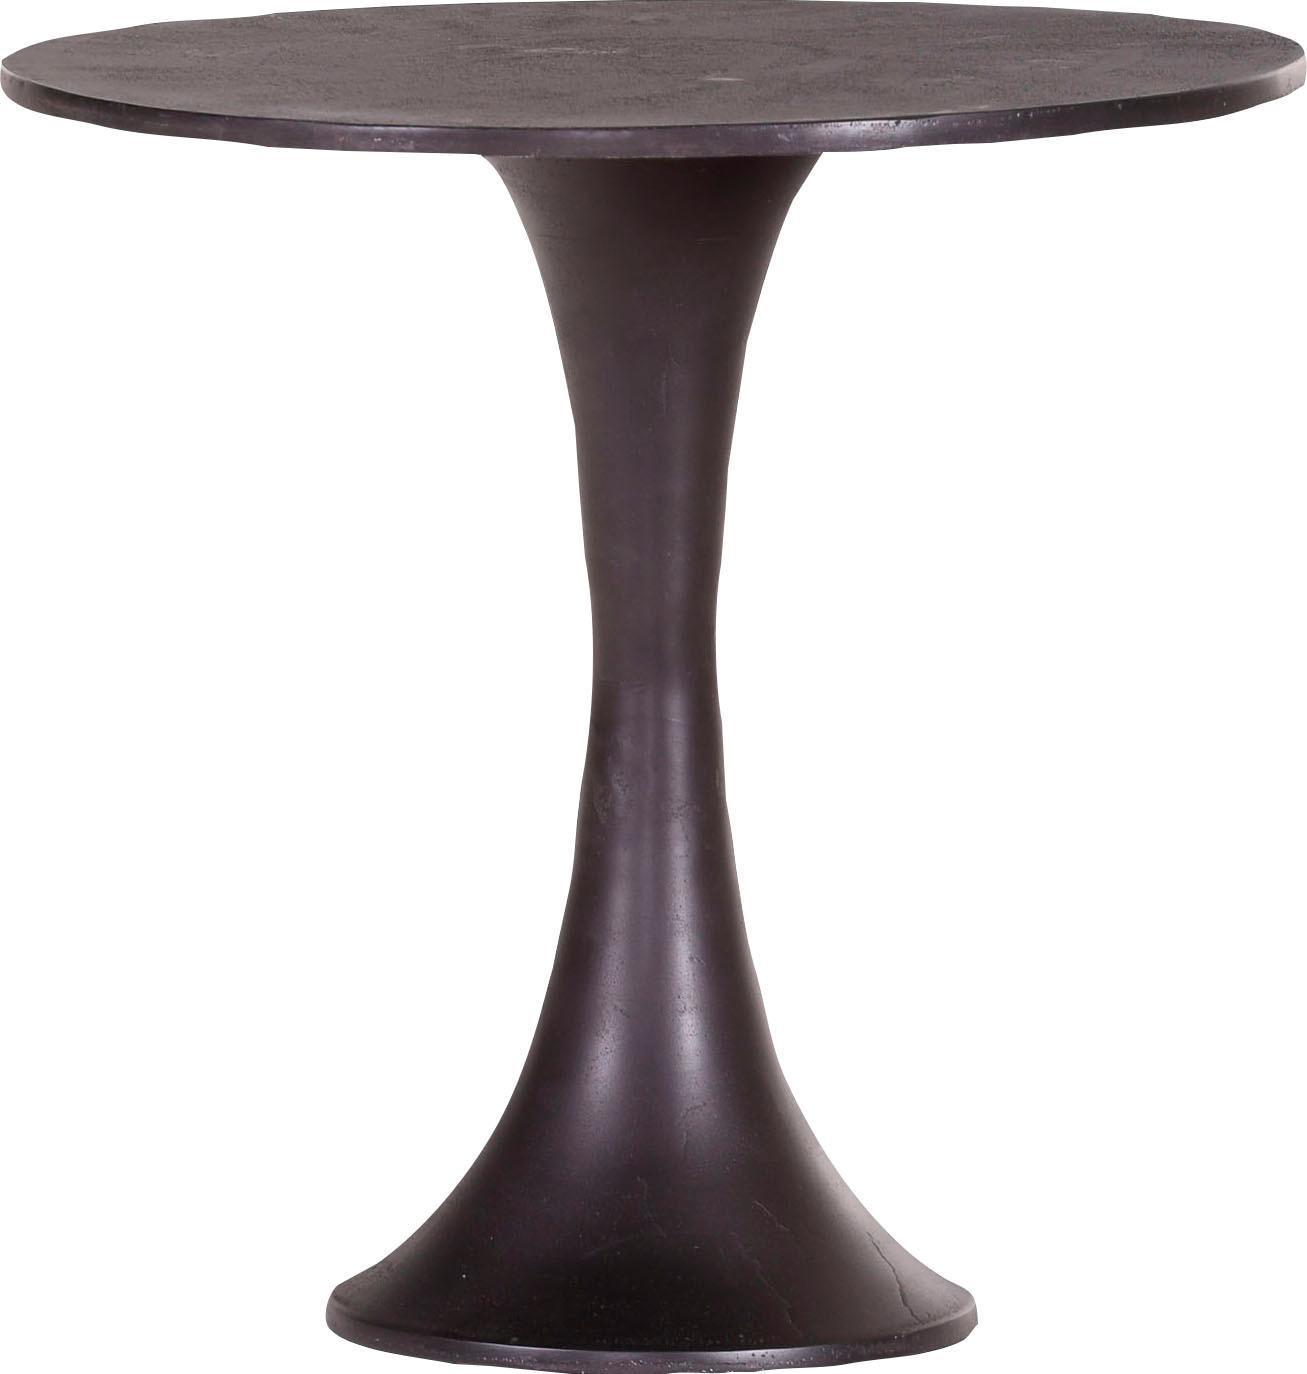 Gutmann Factory Beistelltisch Mix&Match braun Beistelltische Tische